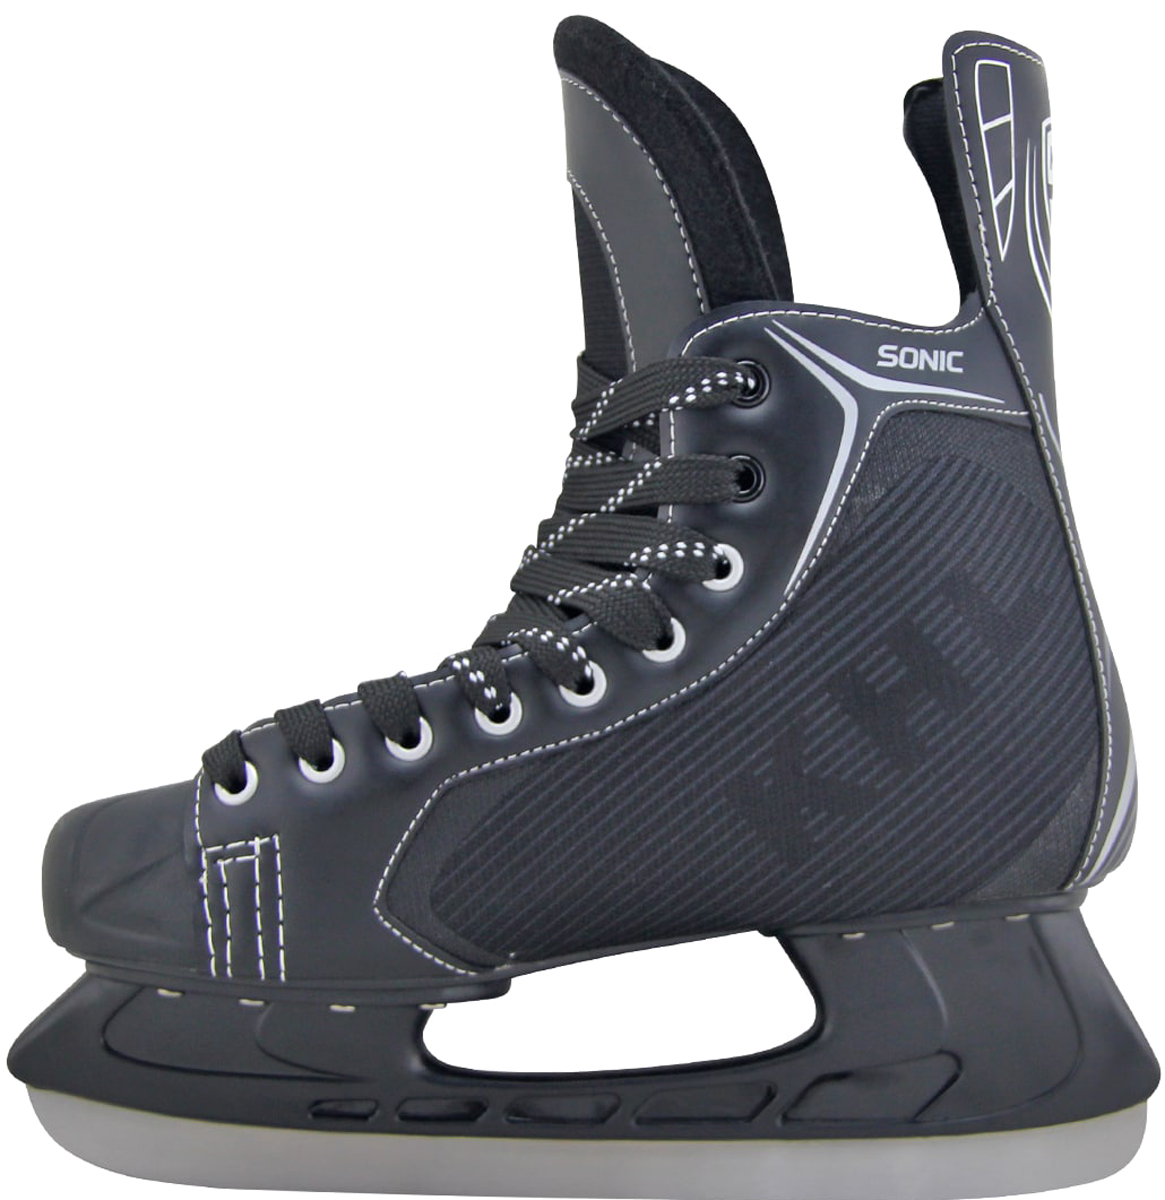 """Коньки хоккейные мужские KHL """"Sonic"""", цвет: черный, серый, белый. Размер 37"""